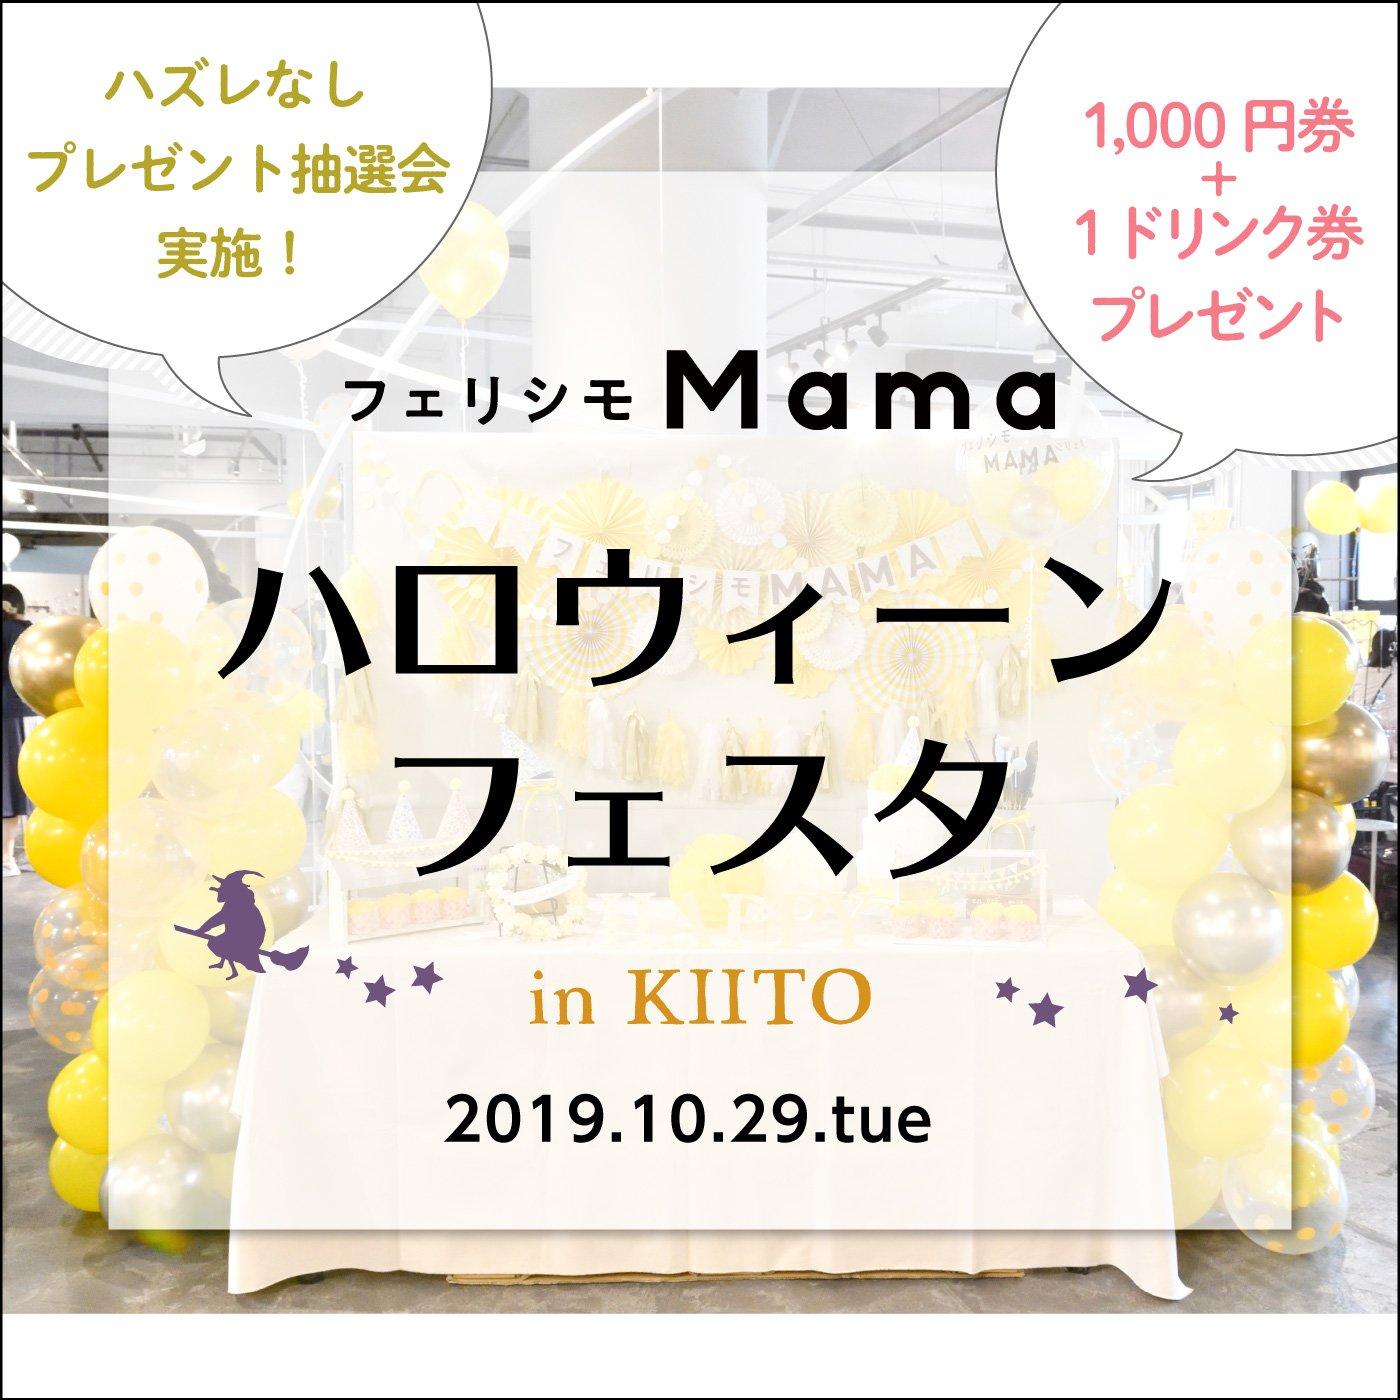 〈フェリシモMama〉10月29日(火)フェリシモMamaハロウィーンフェスタ in KIITO